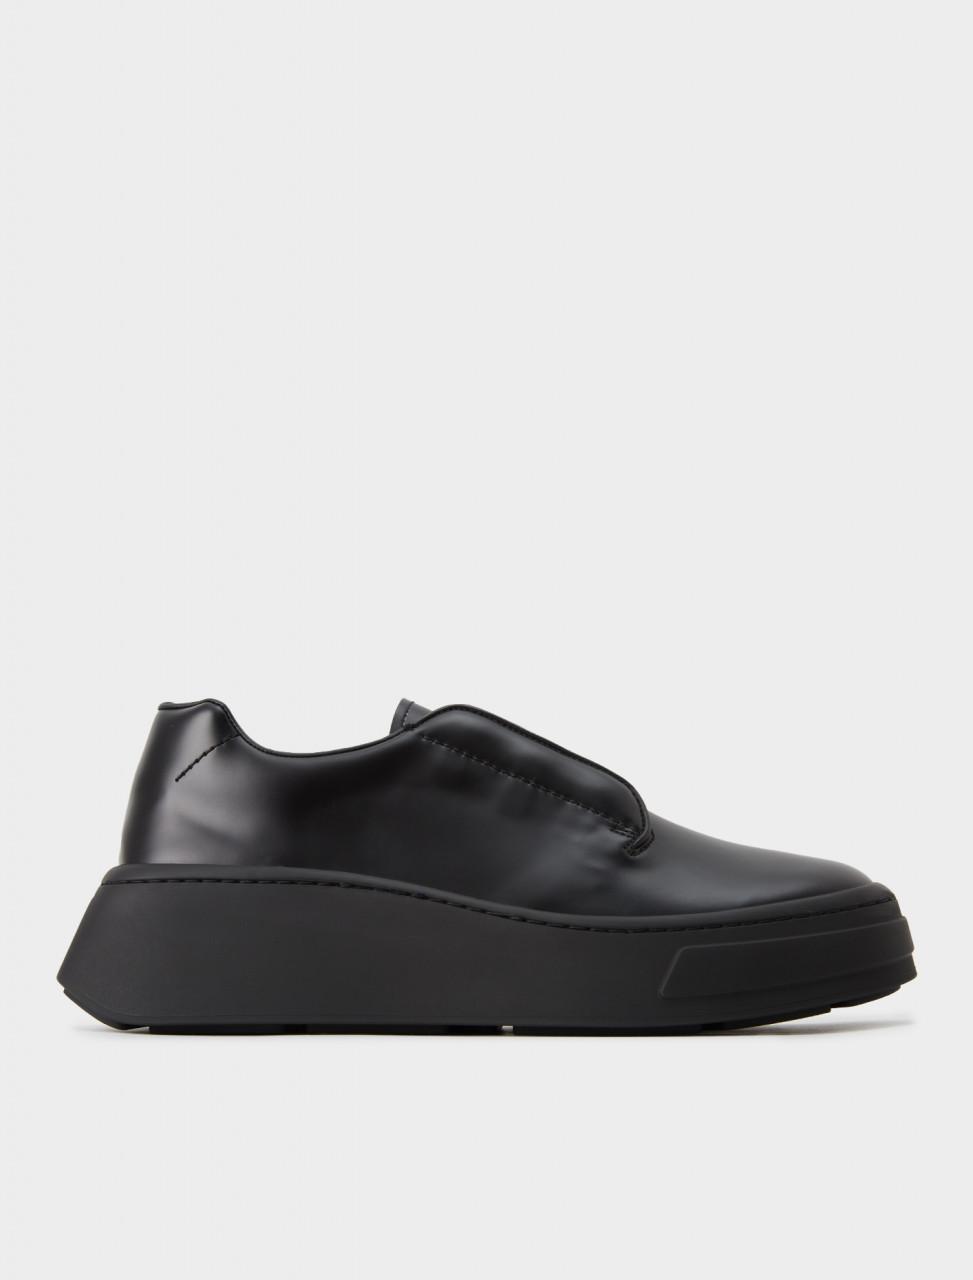 2EG312-B4L-F0002 Prada Brushed Leather Chunky Sole Shoe in Black